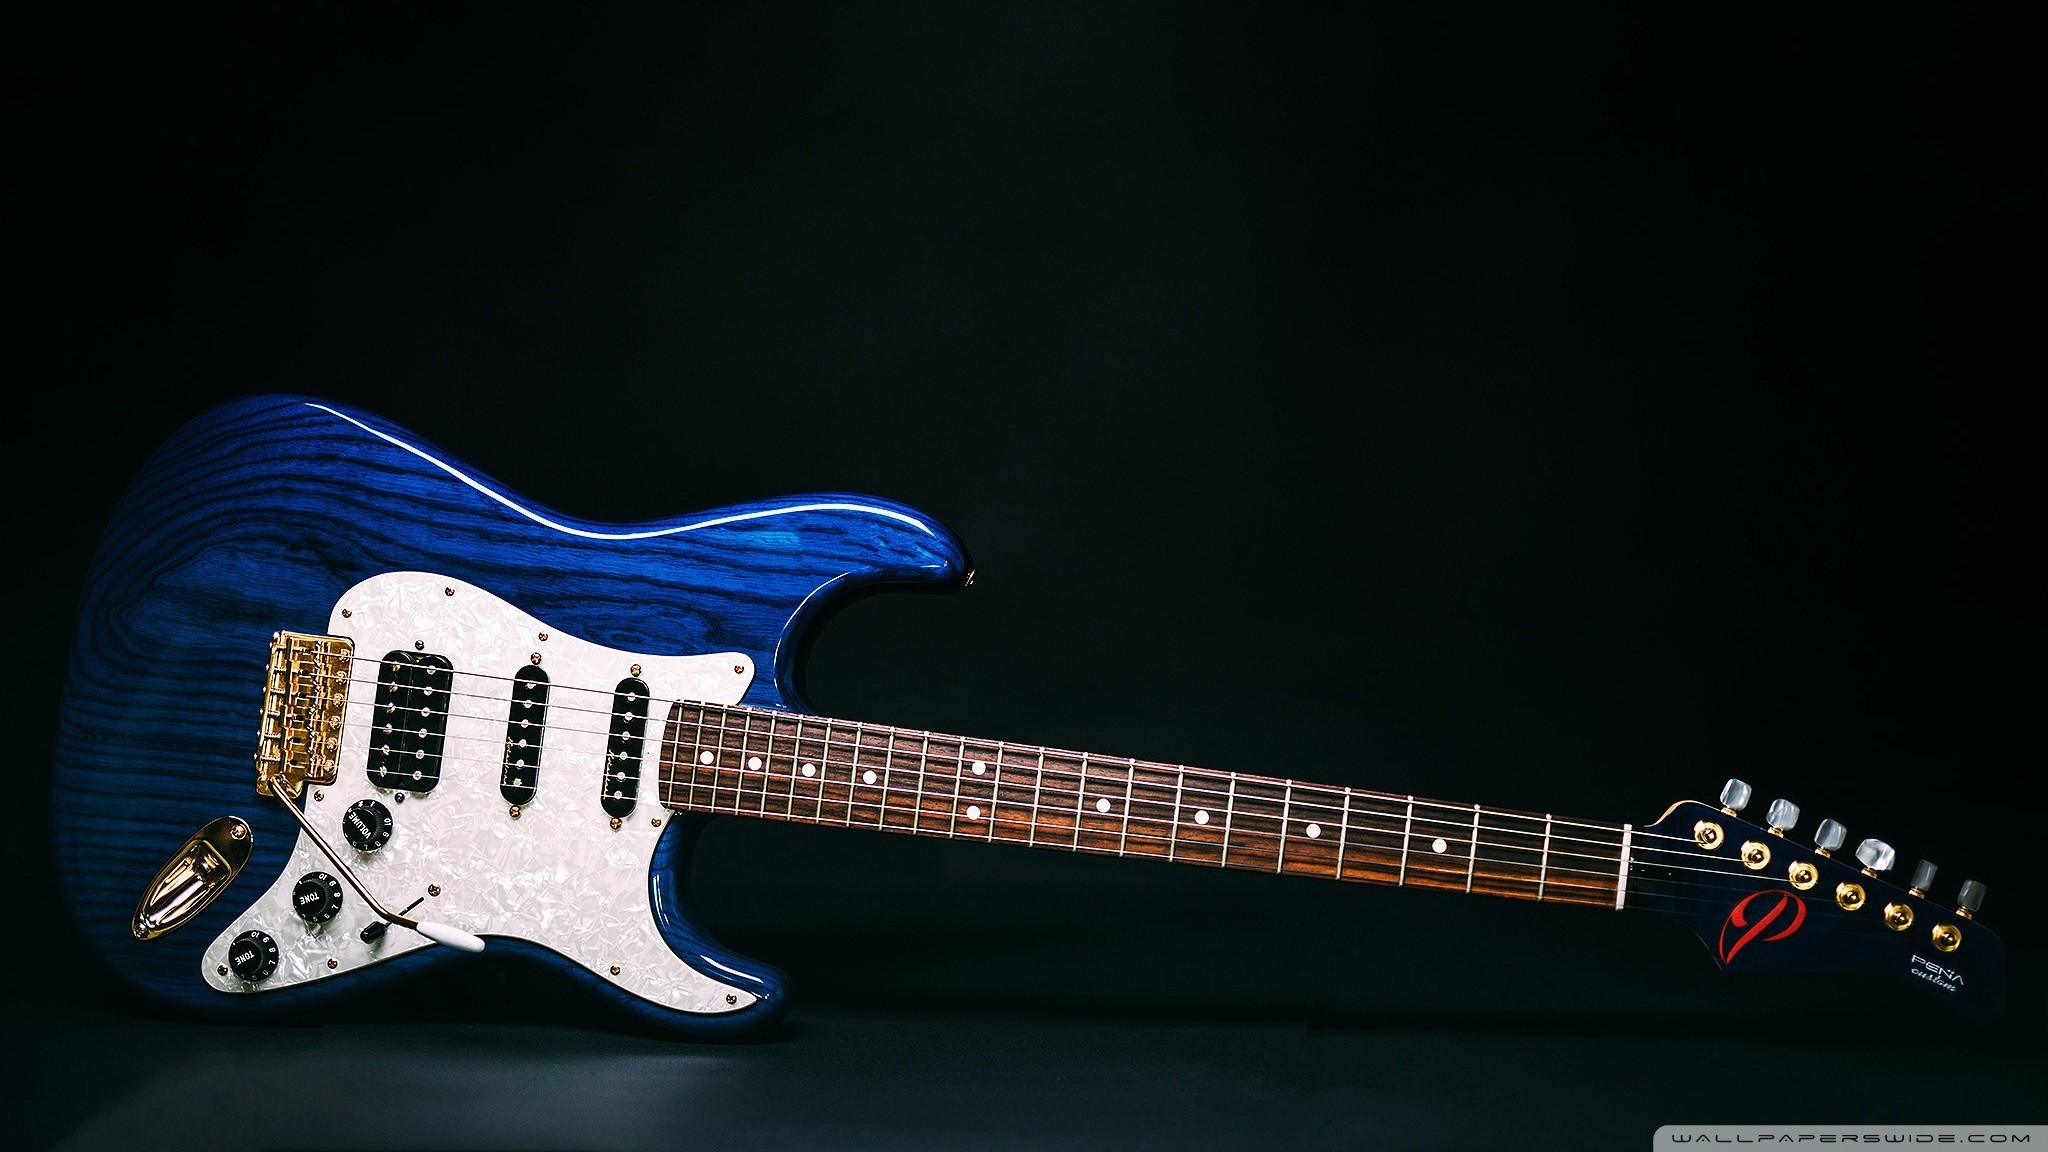 Res: 2048x1152, Res: 1939x1114, Guitar wallpaper ...